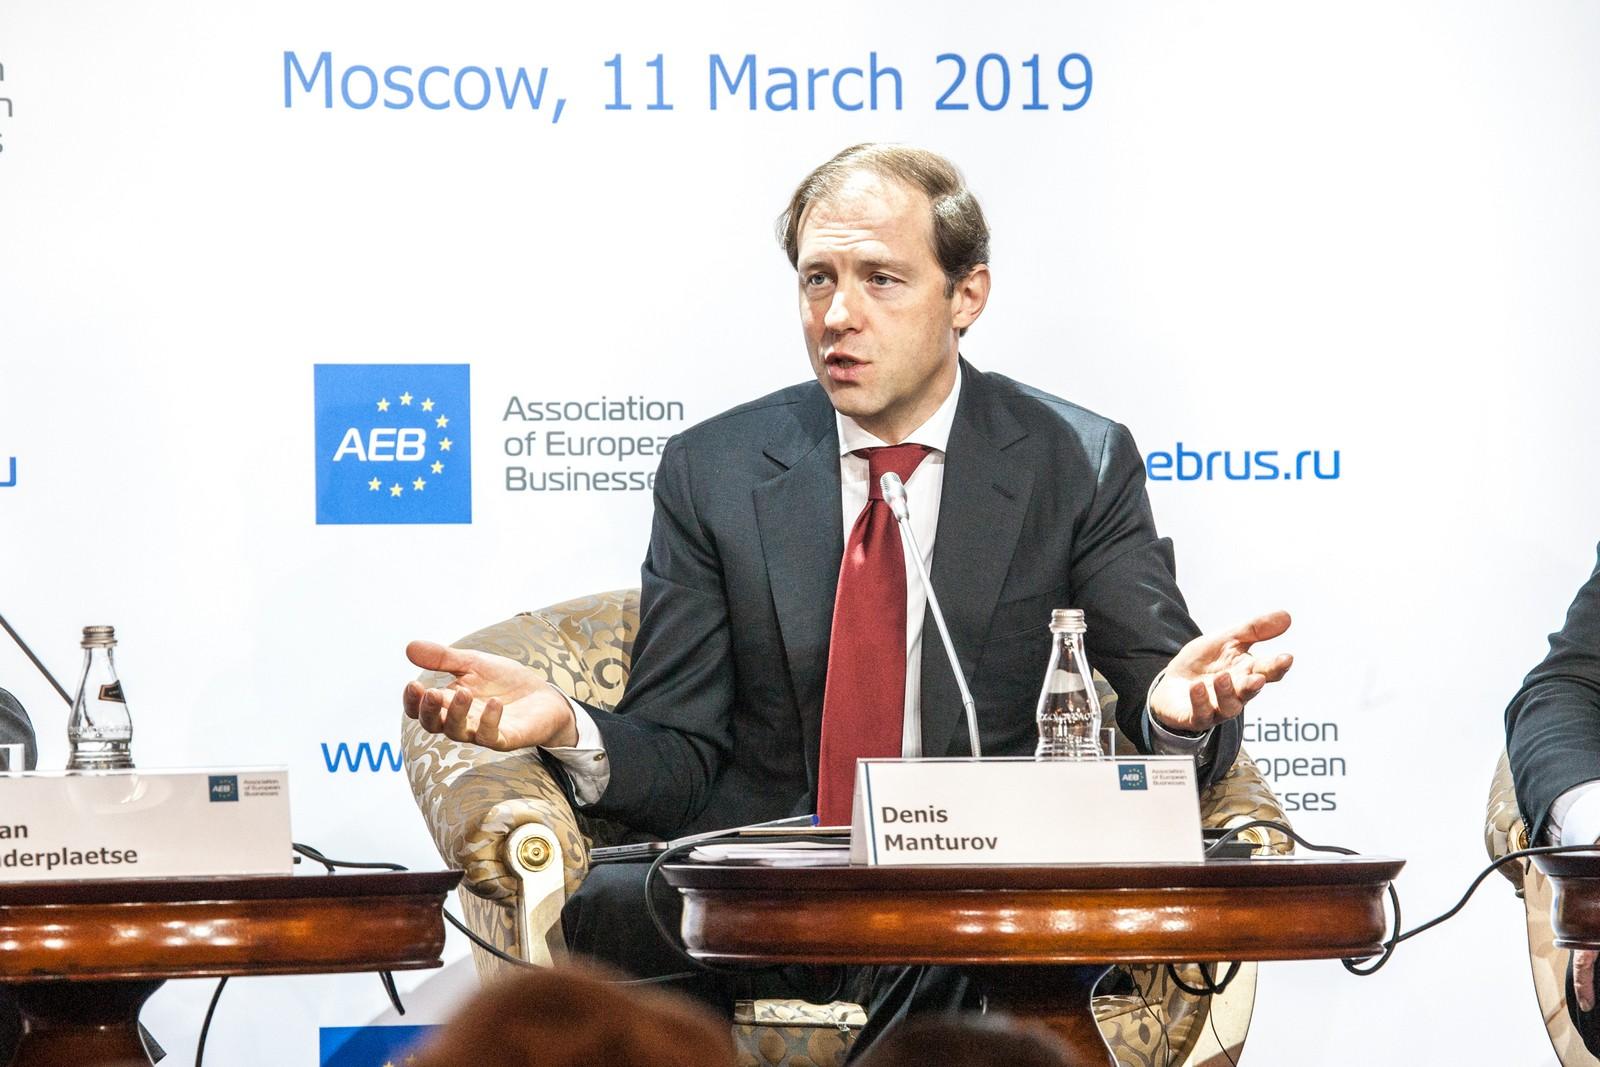 Все в утиль! Почему политика Правительства РФ ведёт к закрытию заводов и вымиранию импортёров?